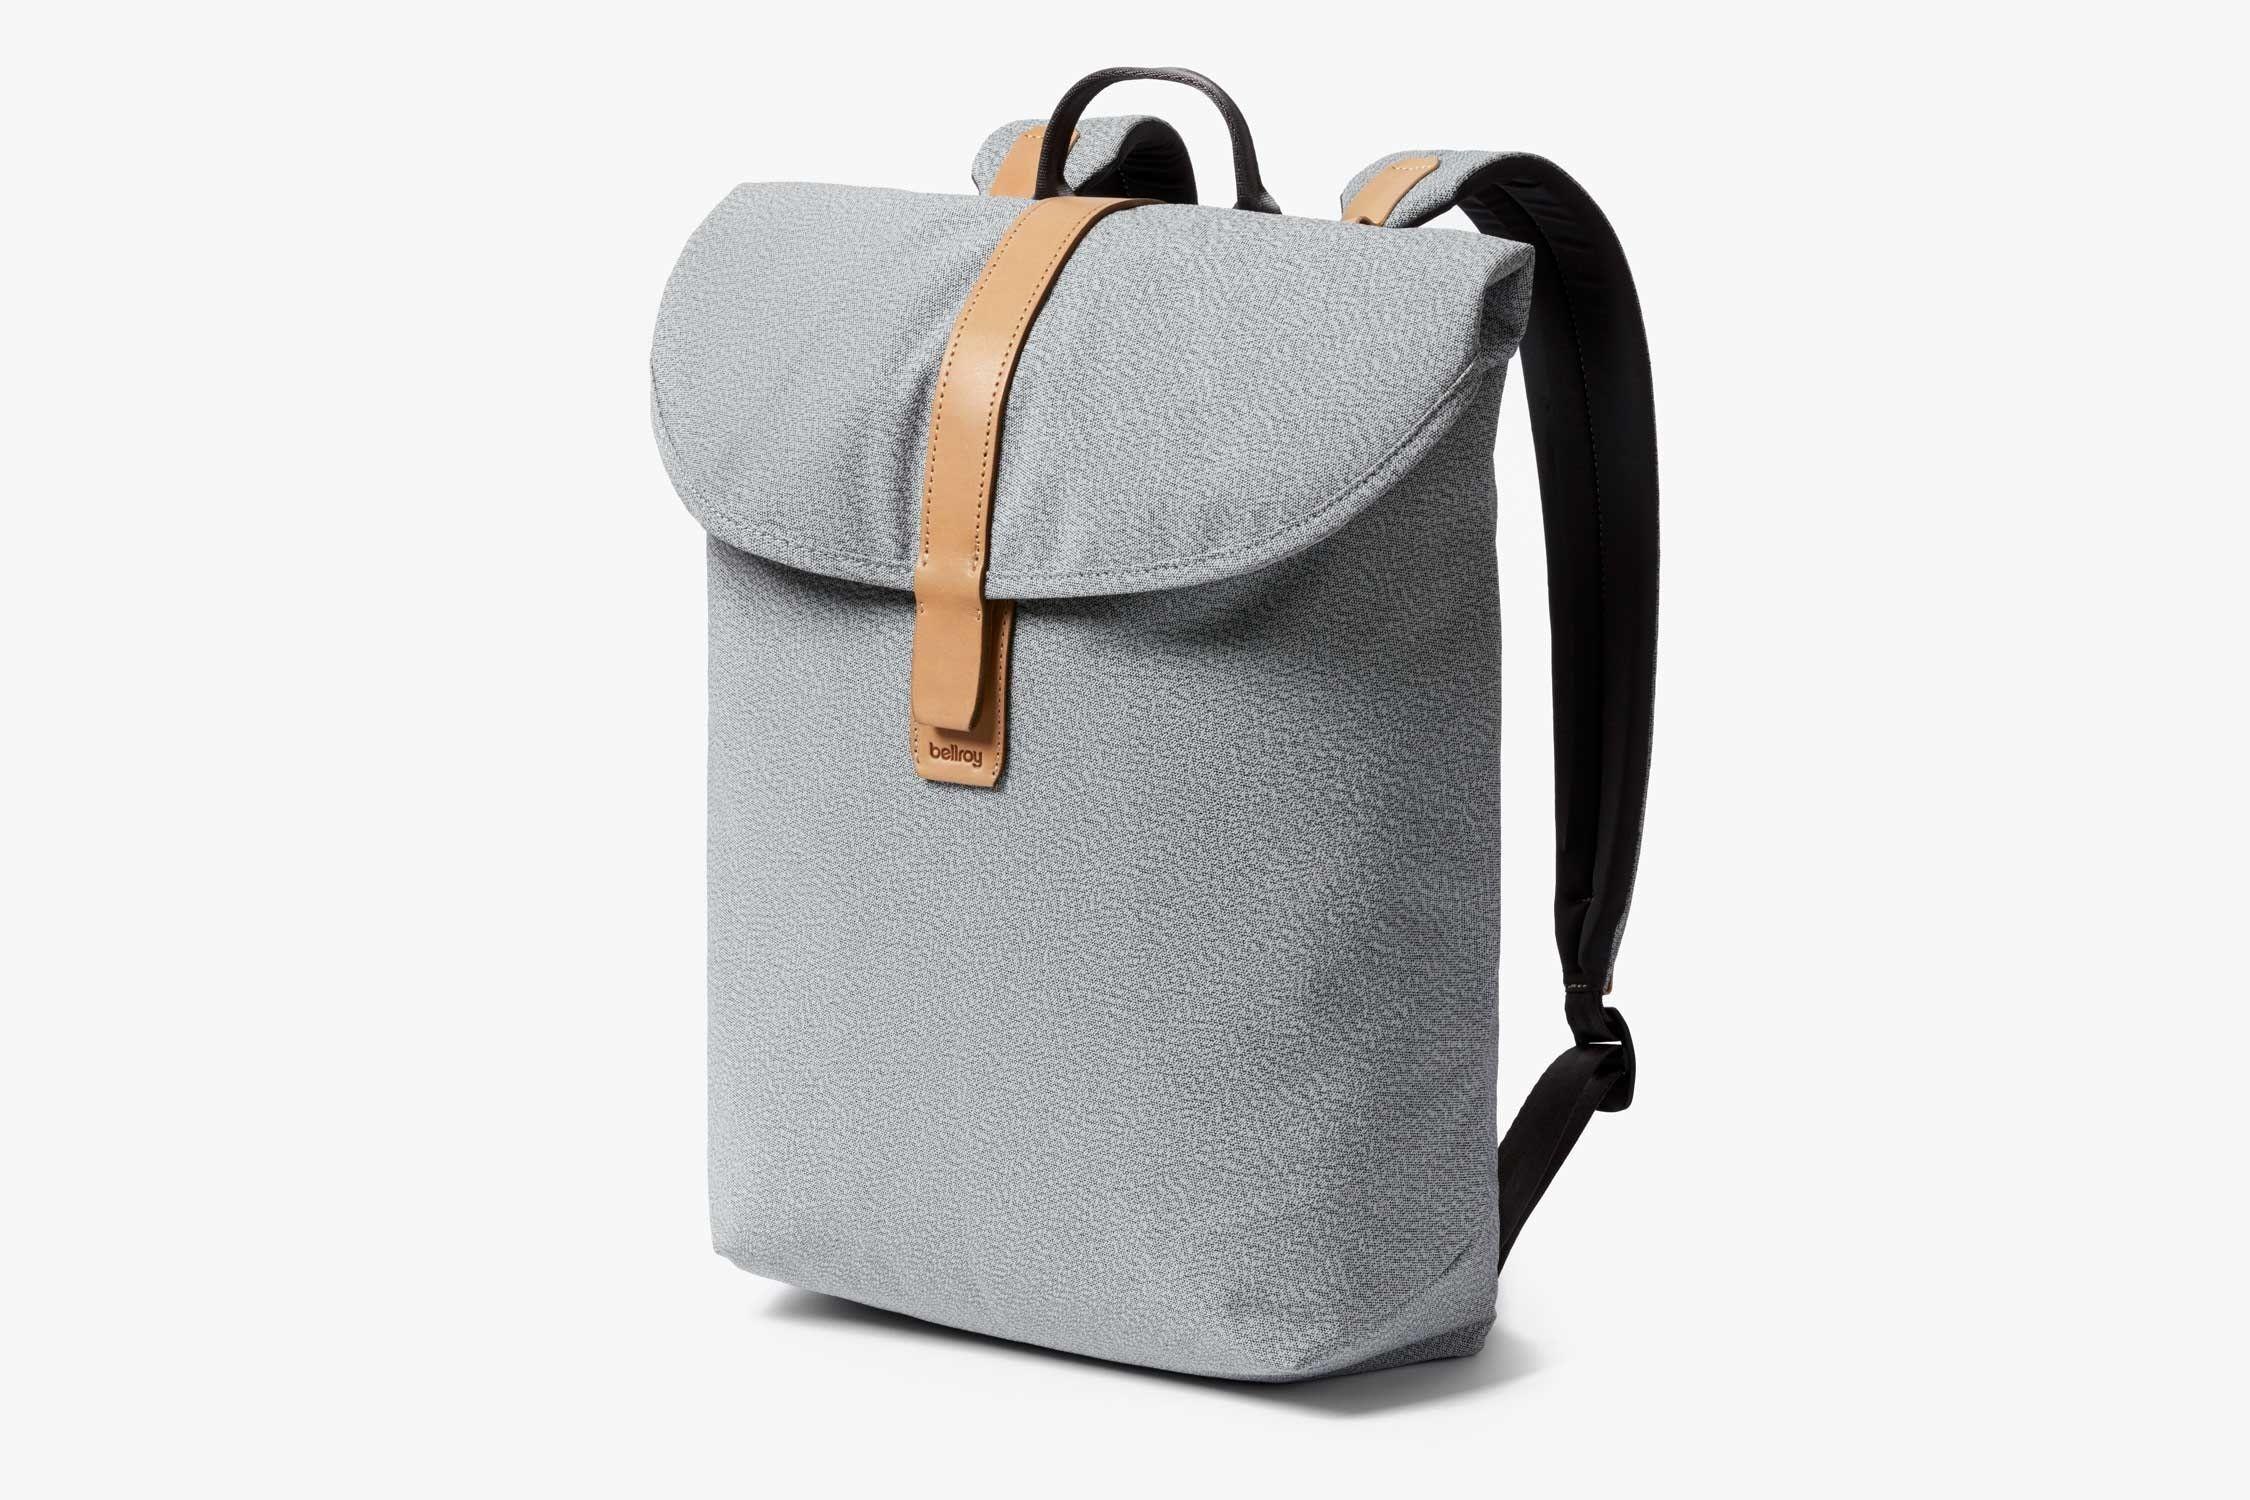 a500ee5f6af Slim Backpack | Bags | Best travel backpack, Backpacks, Travel backpack